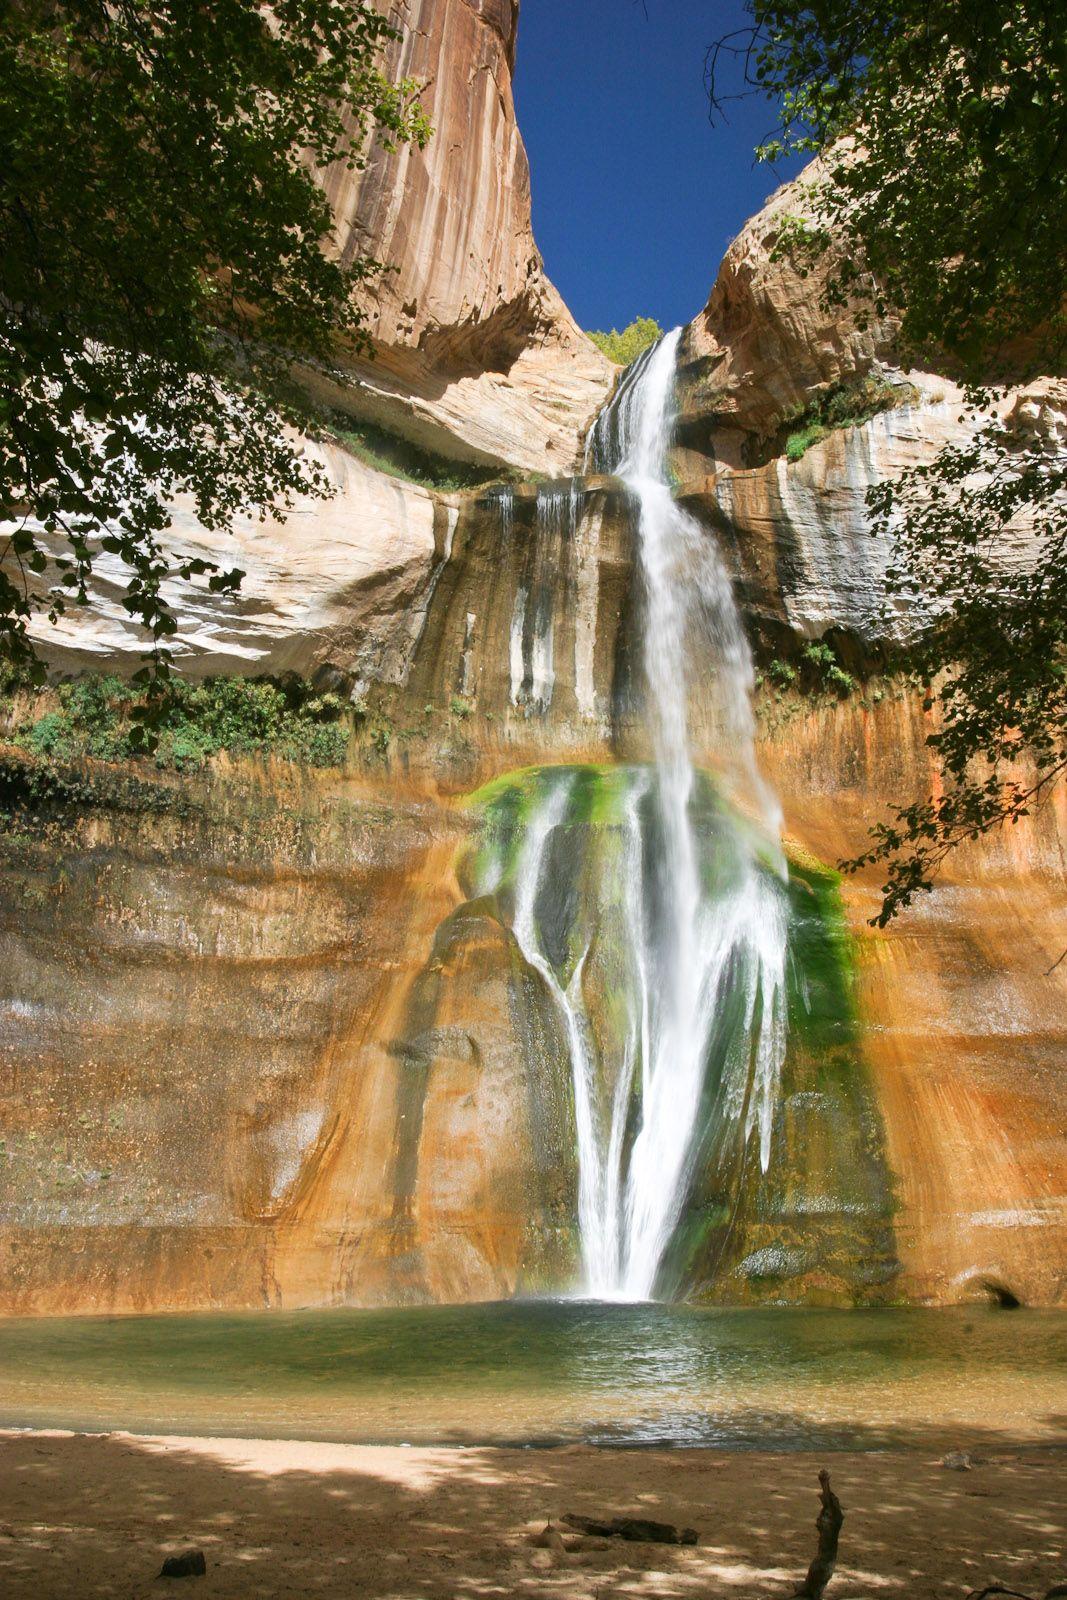 Lower_calf_creek_falls_utah lower calf creek falls